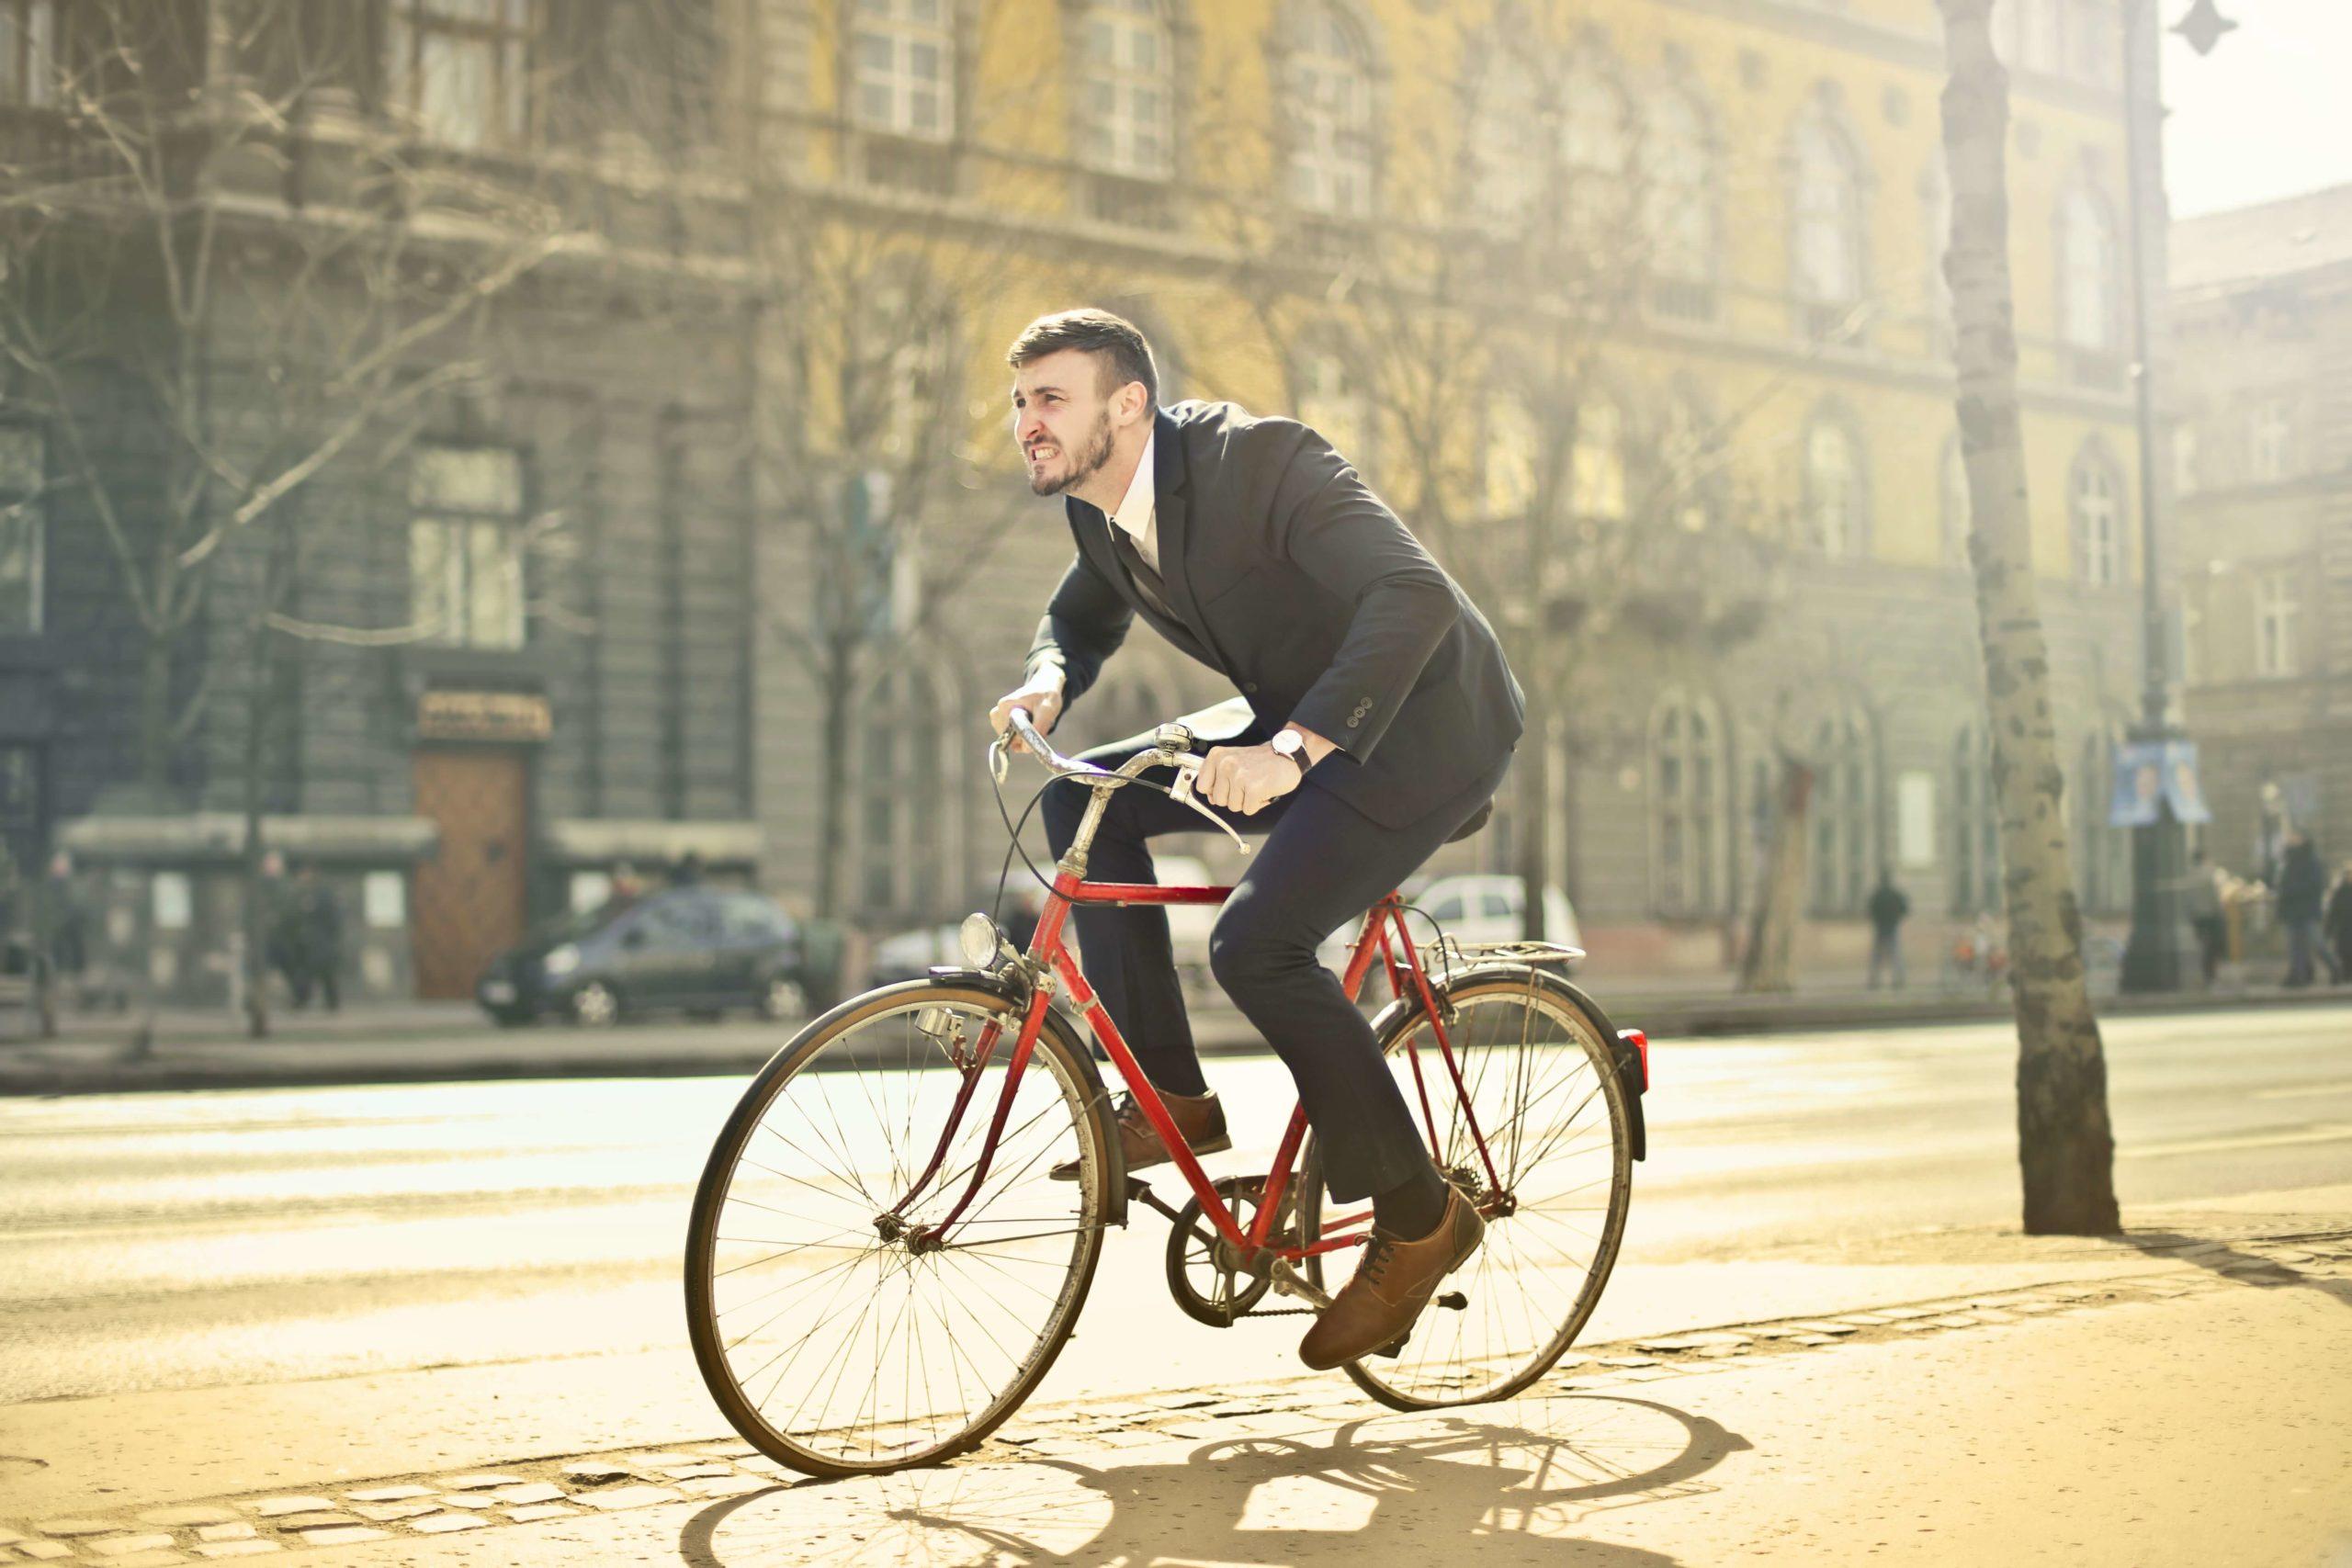 fiets van de zaak